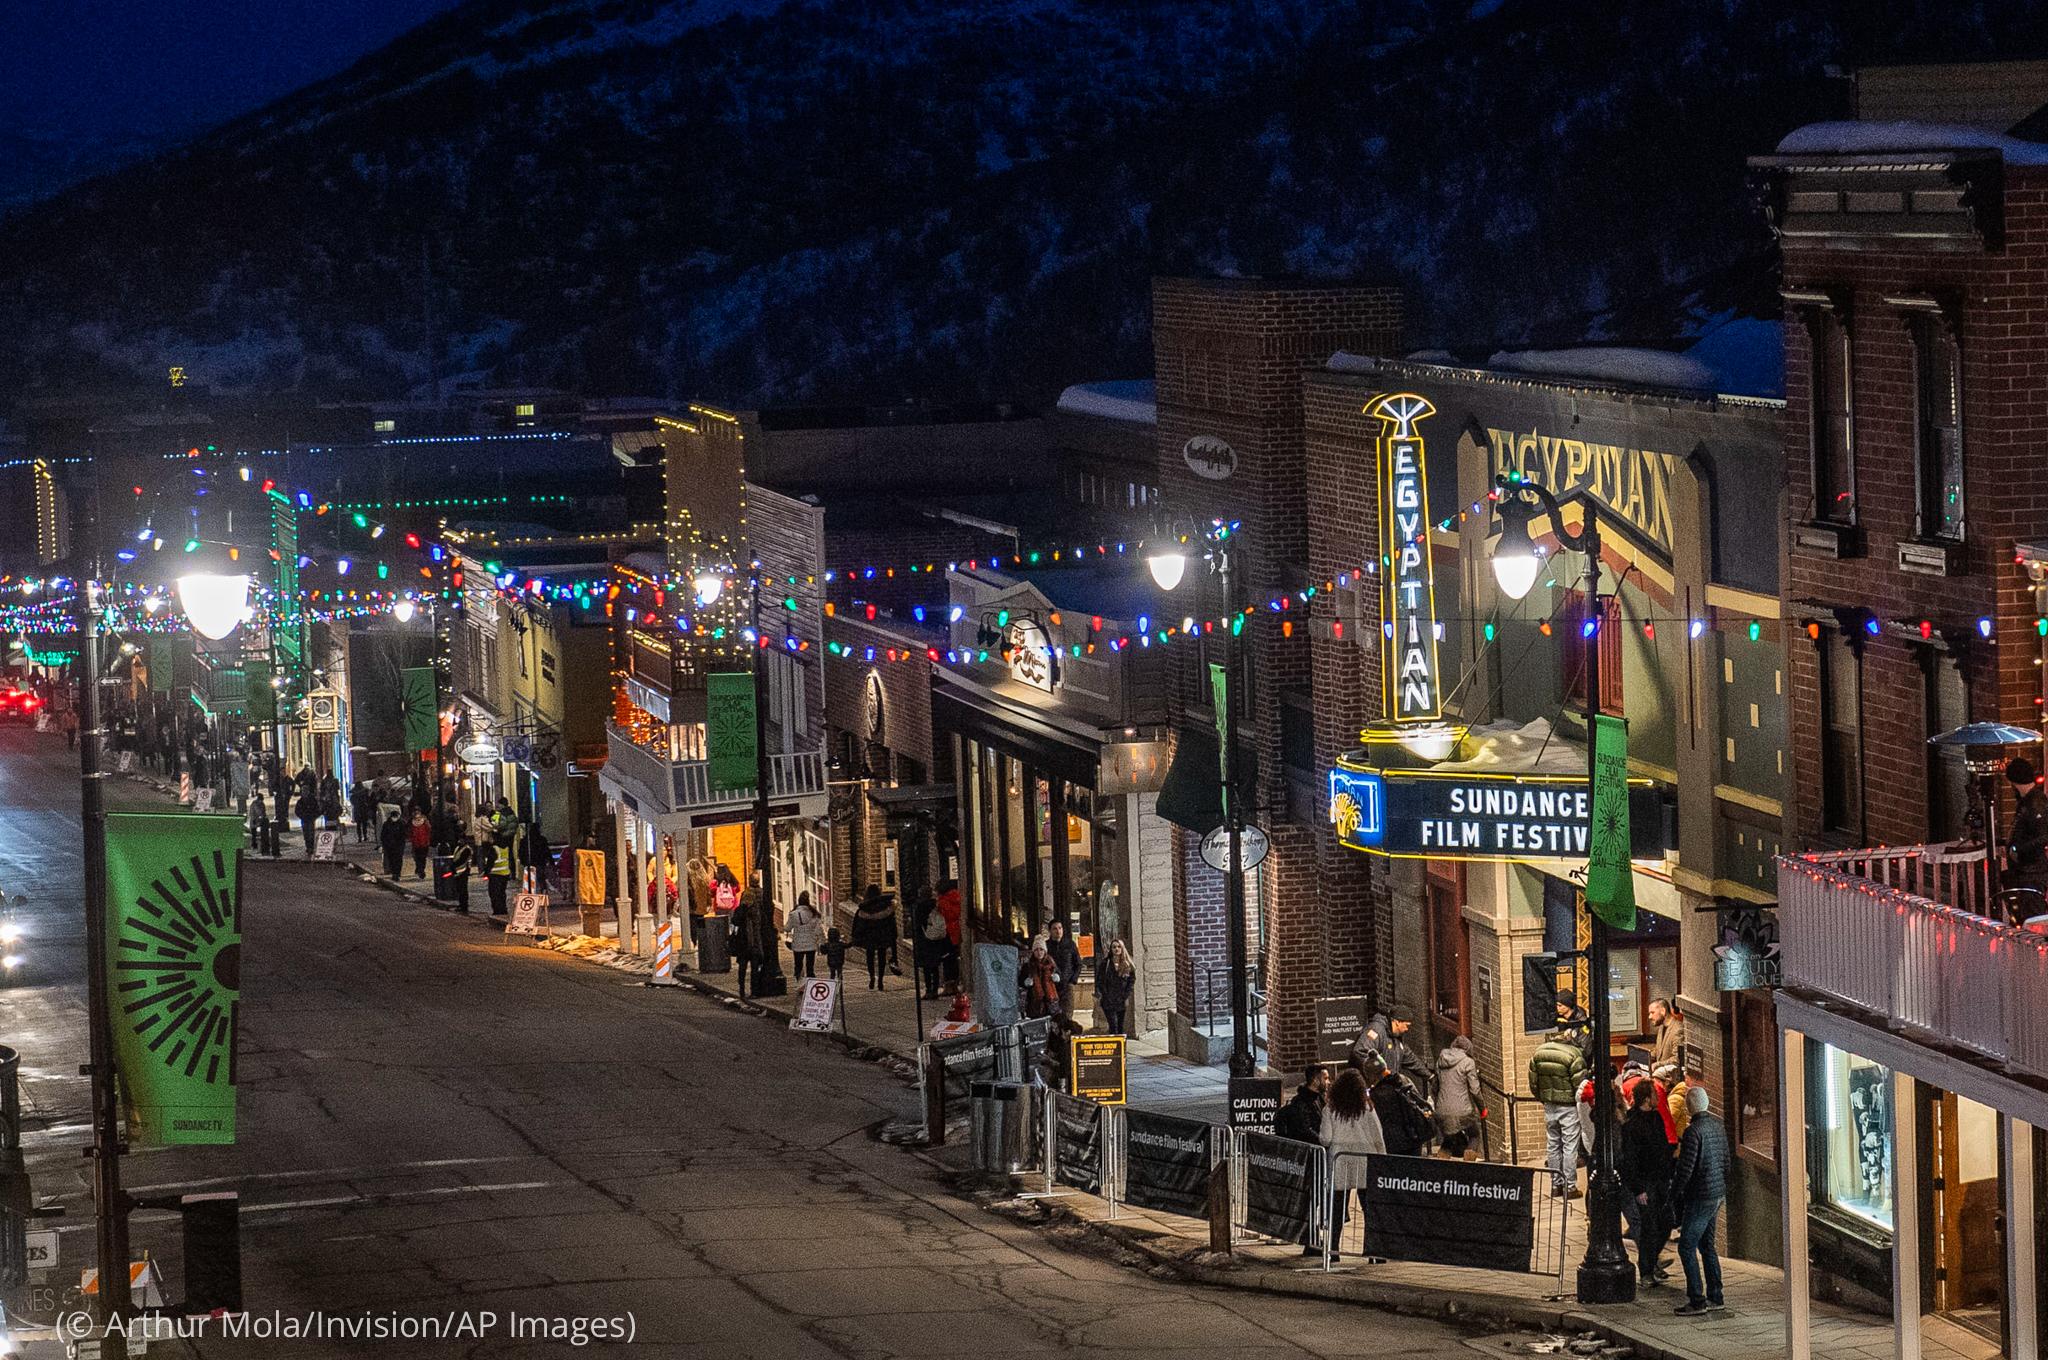 نمای شبانه از یک خیابان در پارک سیتی ، یوتا . (© Arthur Mola/Invision/AP Images)